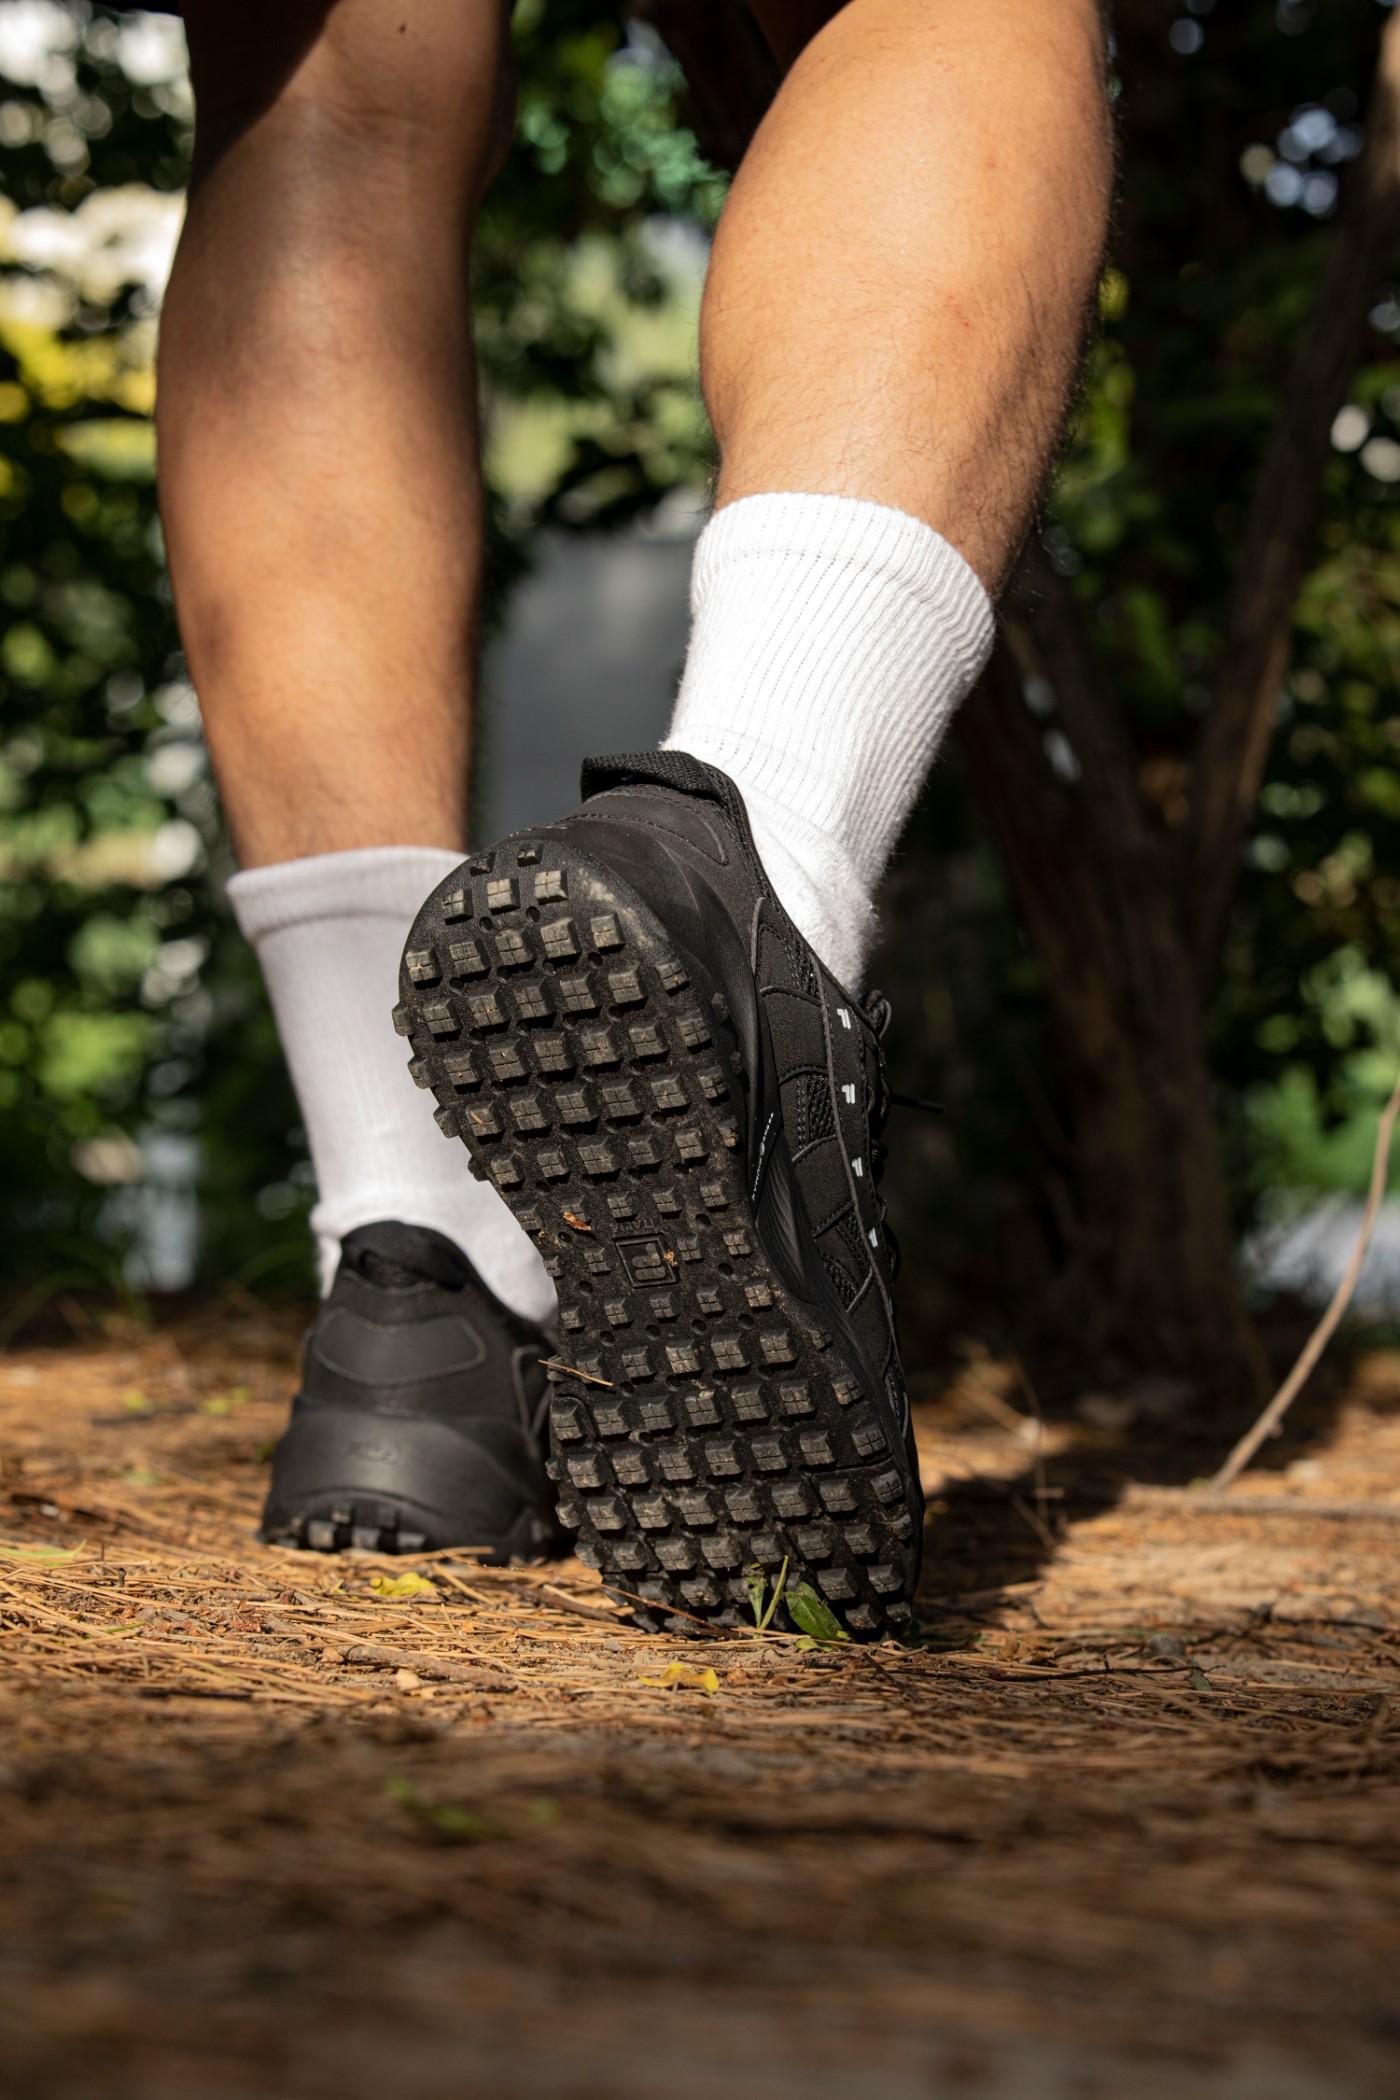 上脚,开箱,LYNX DX,发售,FILA FUSION  出一双火一双!「山系球鞋」新选择终于上架!